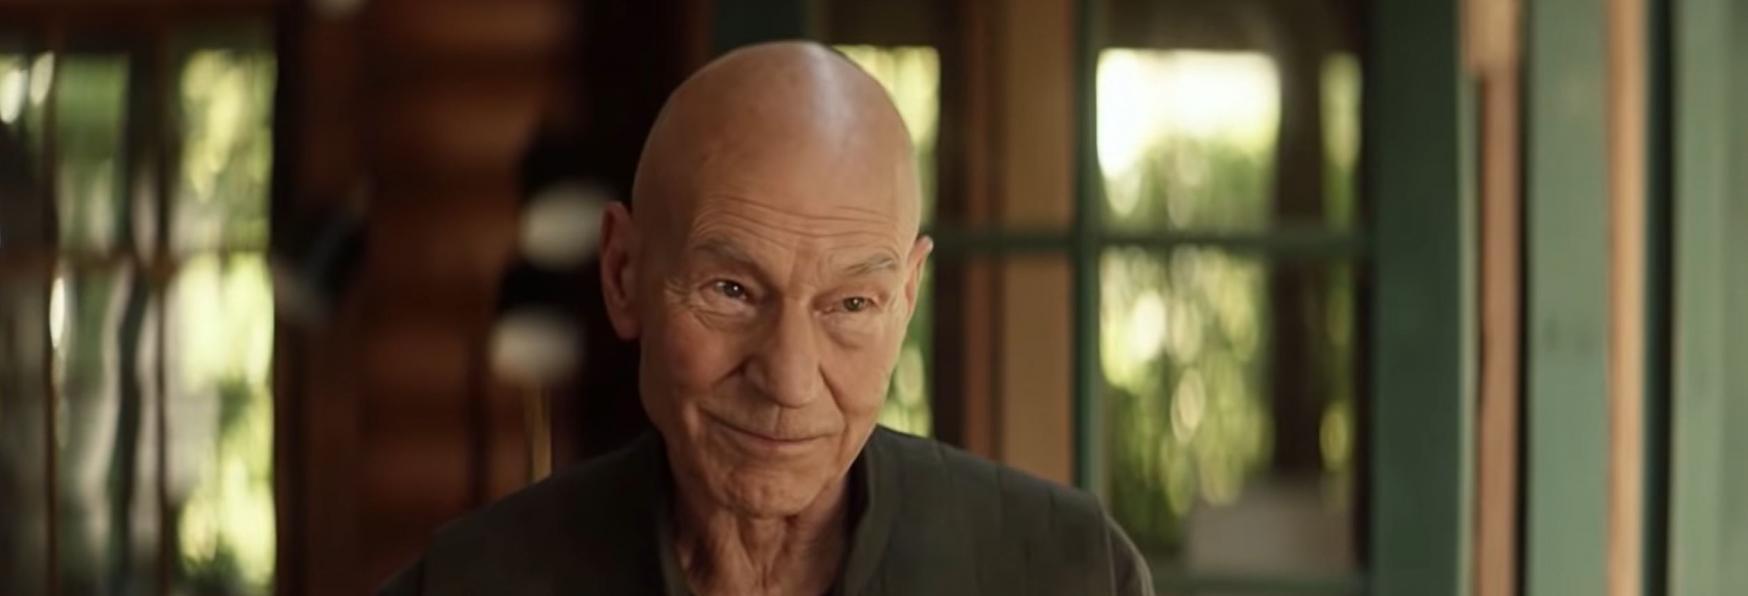 Star Trek: Picard 2 - Rinnovata la Serie TV prima del Debutto